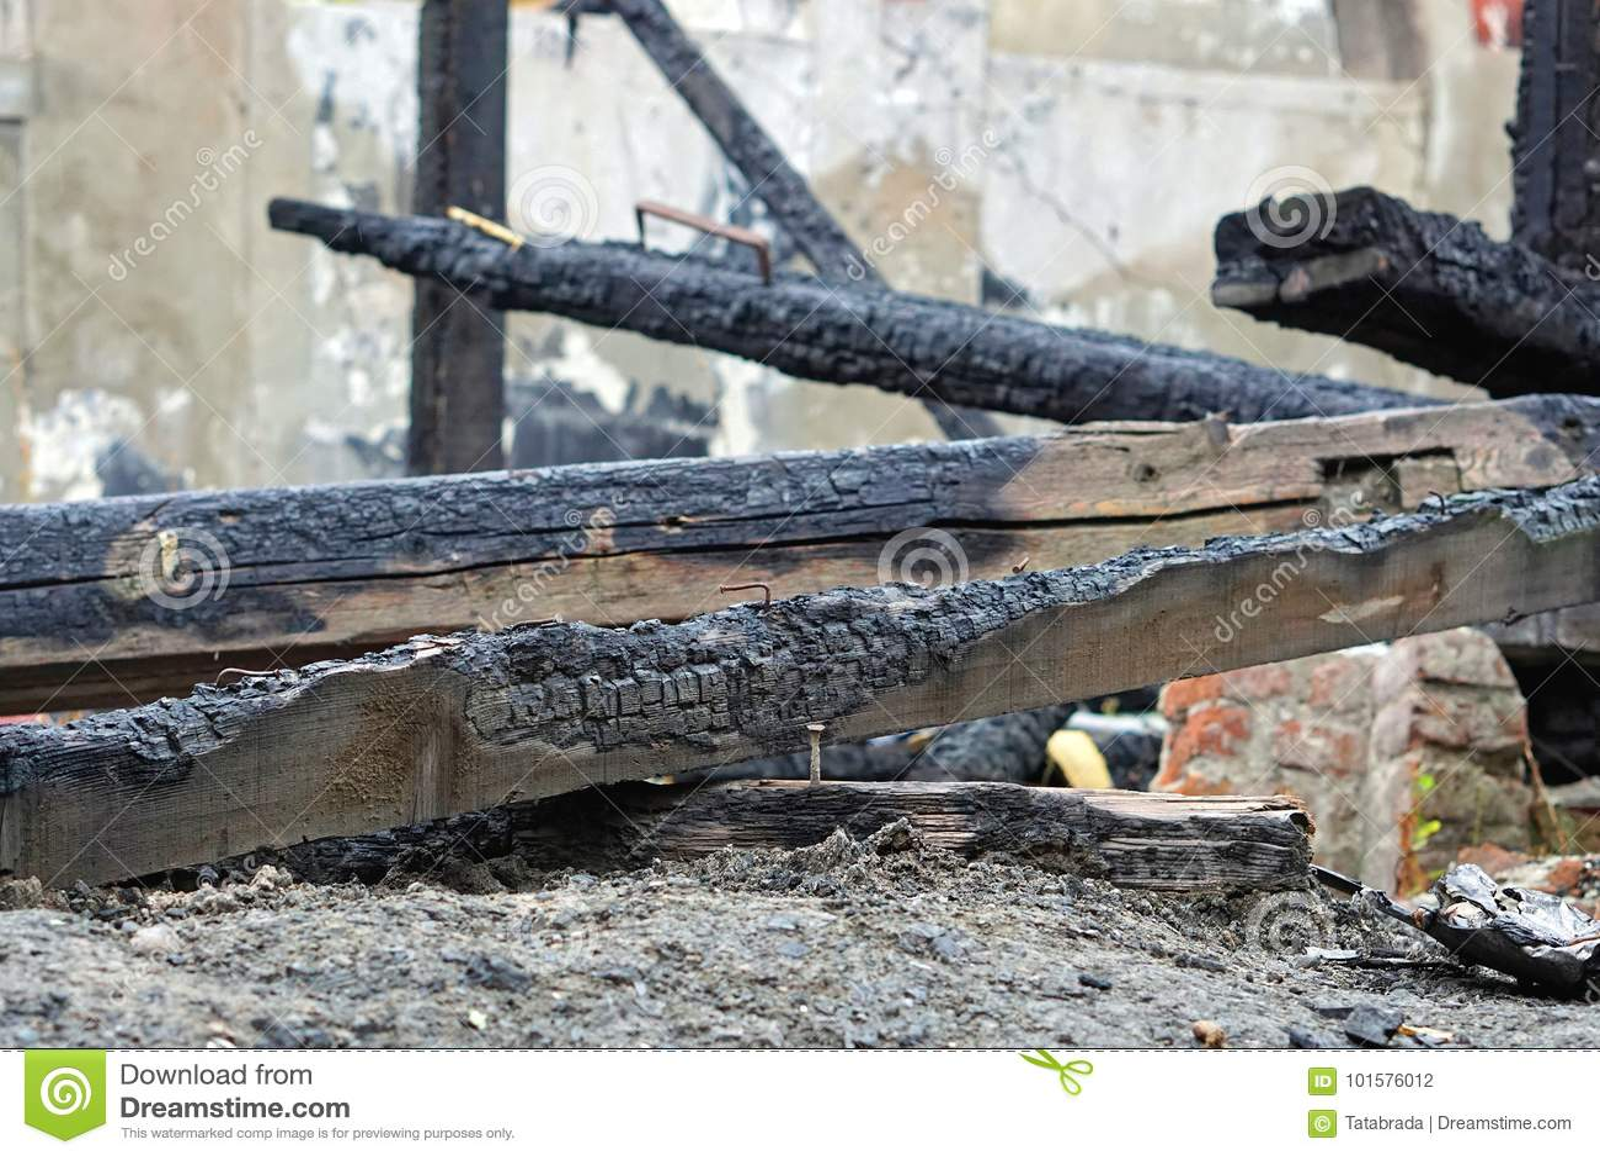 Belkowata pożarnicza szkoda